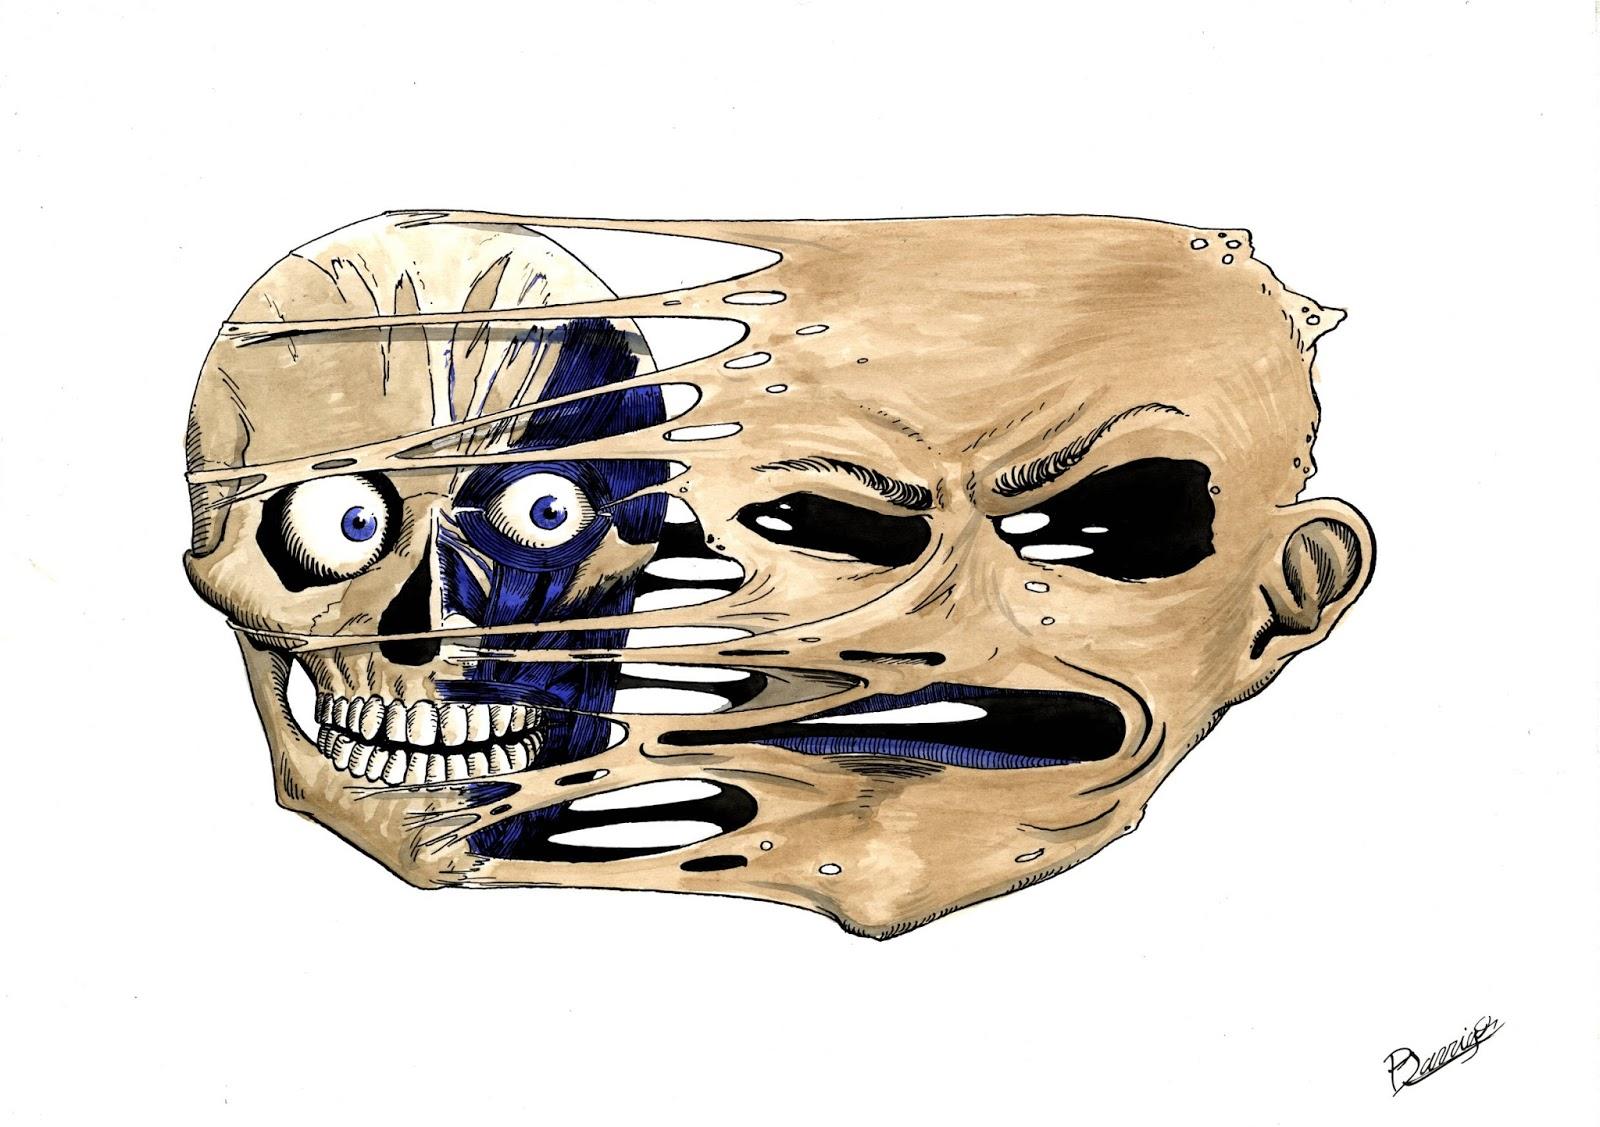 A4 Tinta china, cáscara de nuez, tinta azul - serie Macabre Anatomie